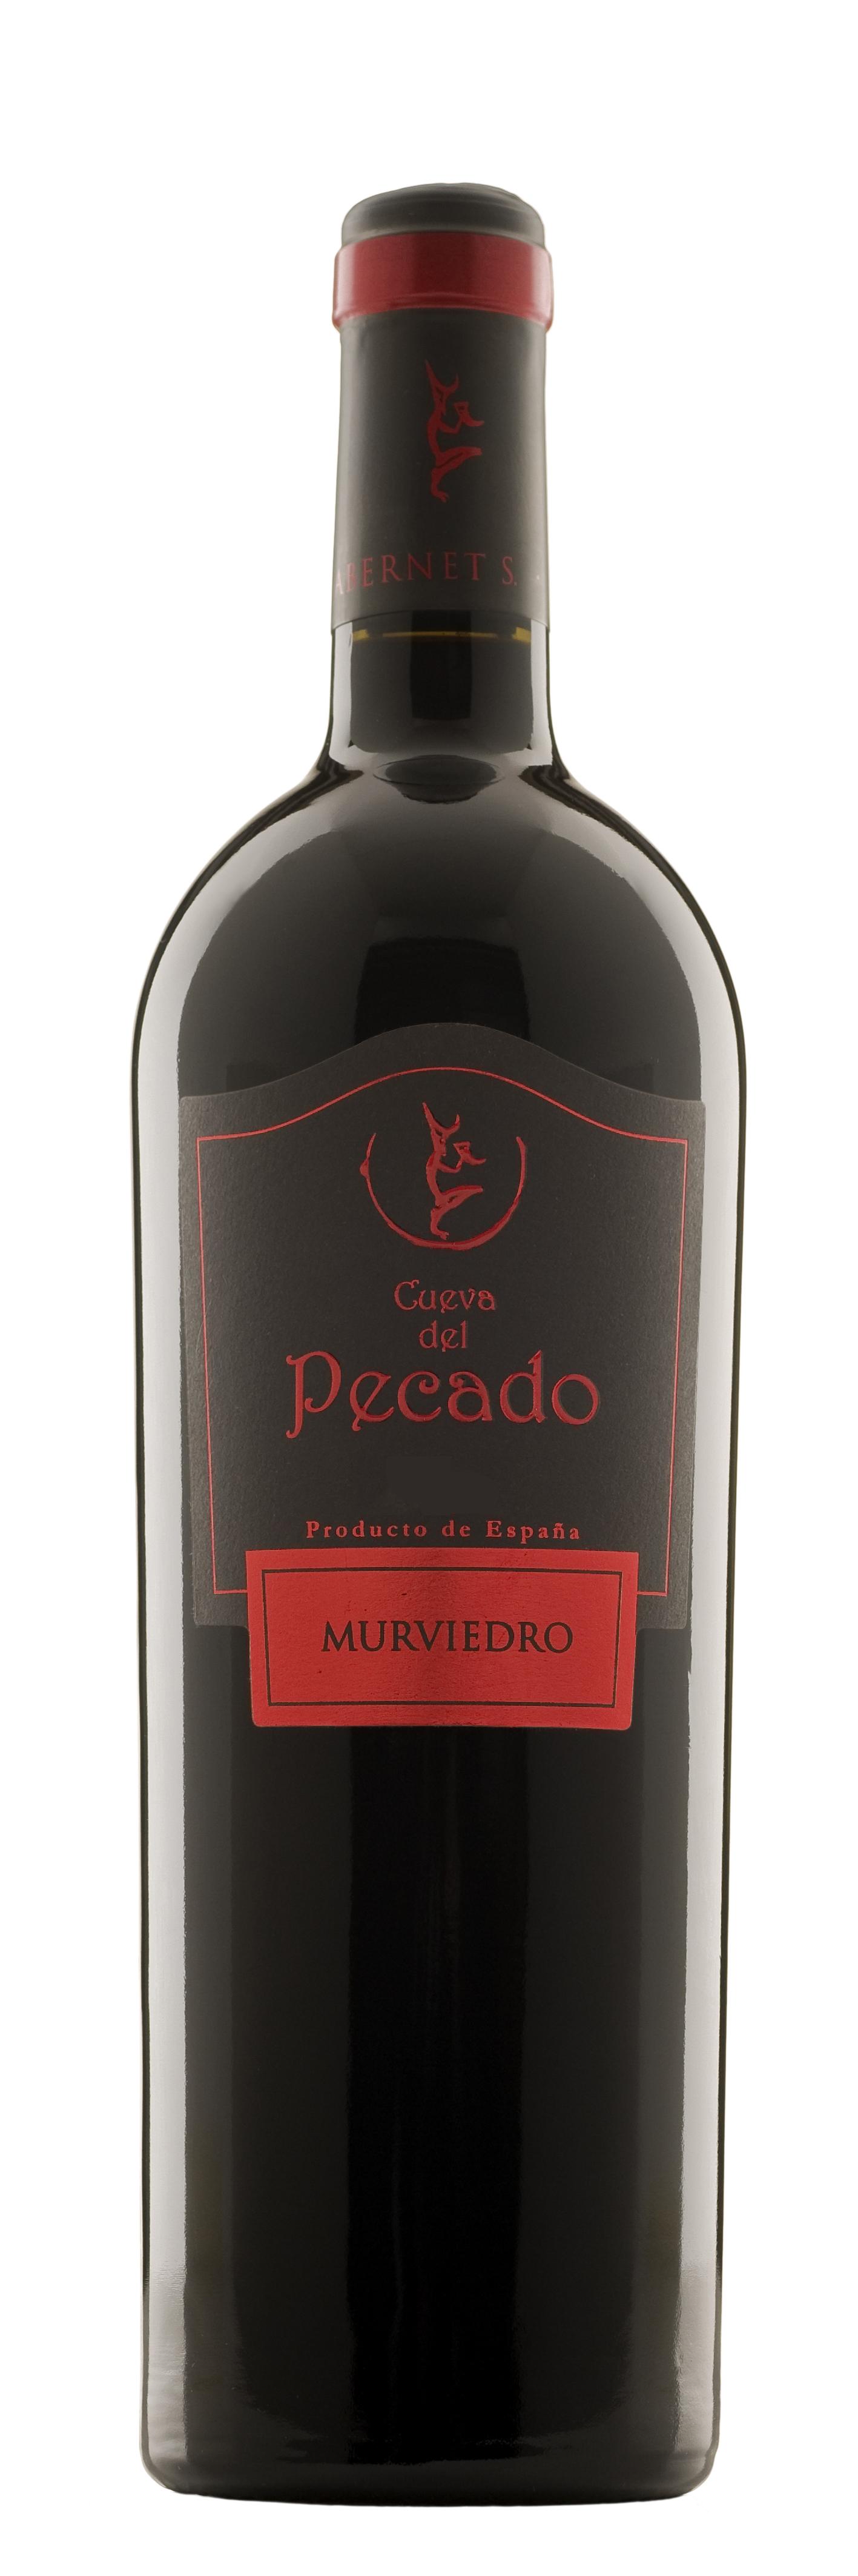 Cueva Del Pecado Color Rojo Cereza Intenso Con Reflejos Teja Aroma Complejo Especiado Con Recuerdos De Fruta Roja Muy Madura Y Un Pecado Cerveja Vinho